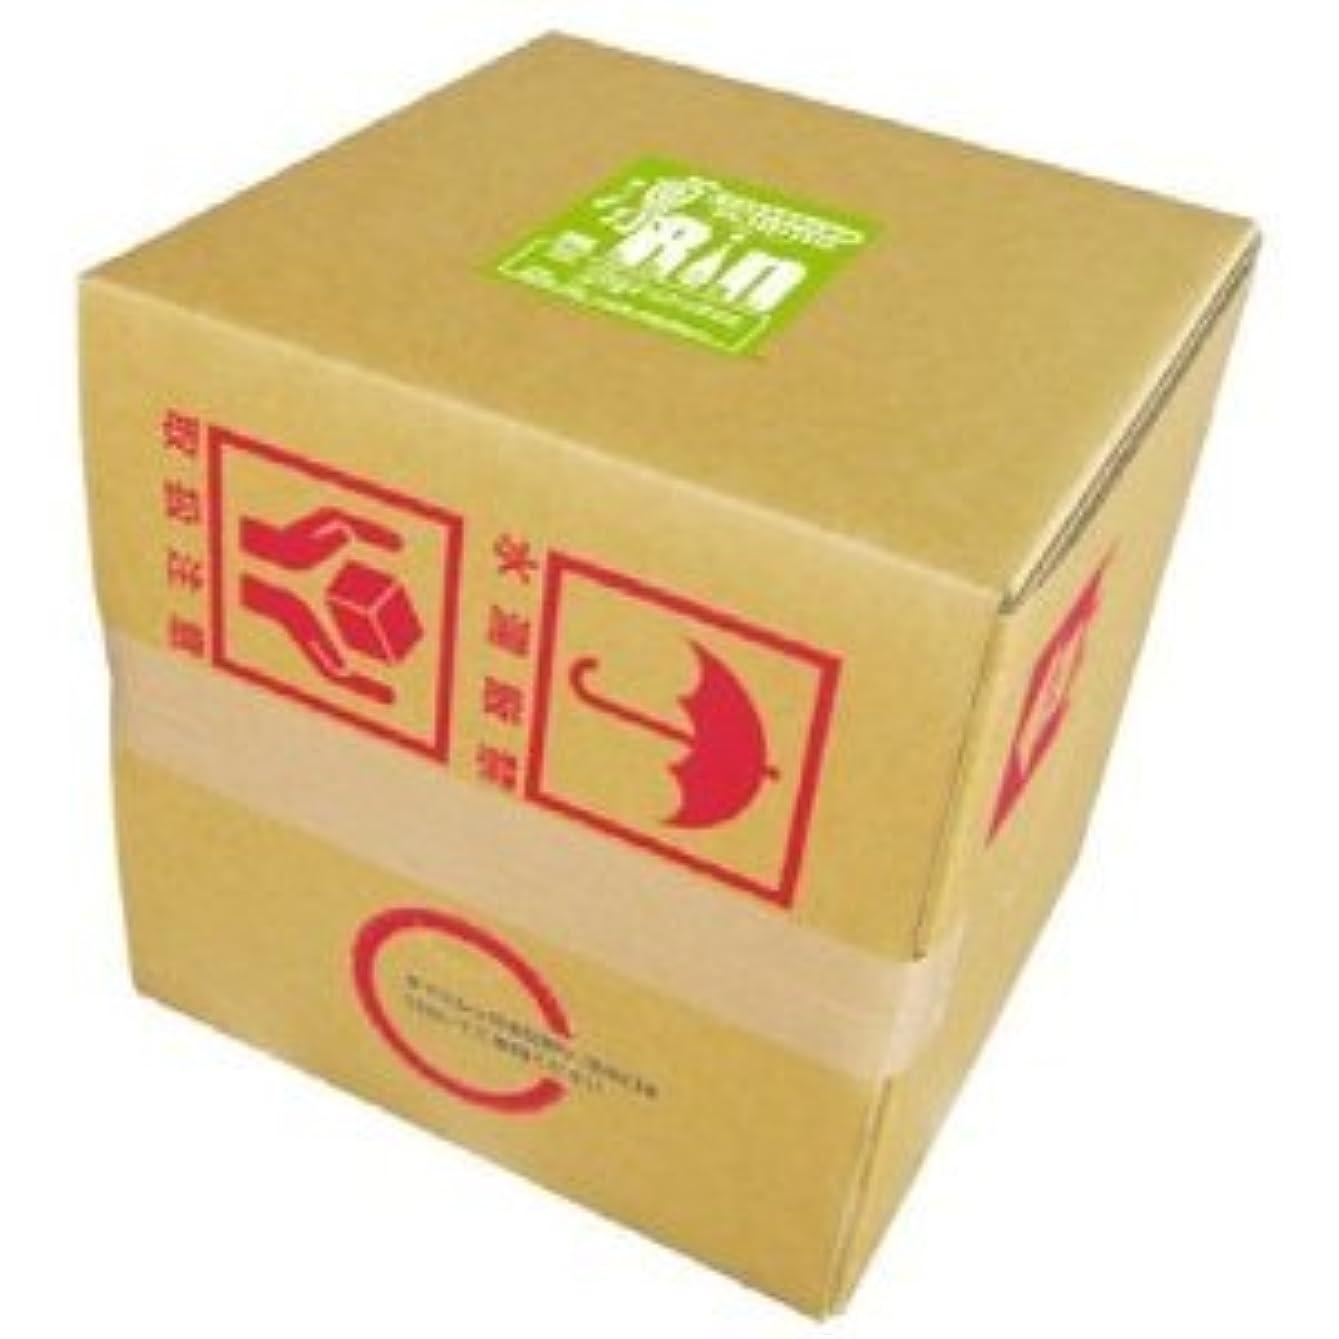 型蛾レスリングくさの葉化粧品 ボディソープ 凛 20リットル 箱